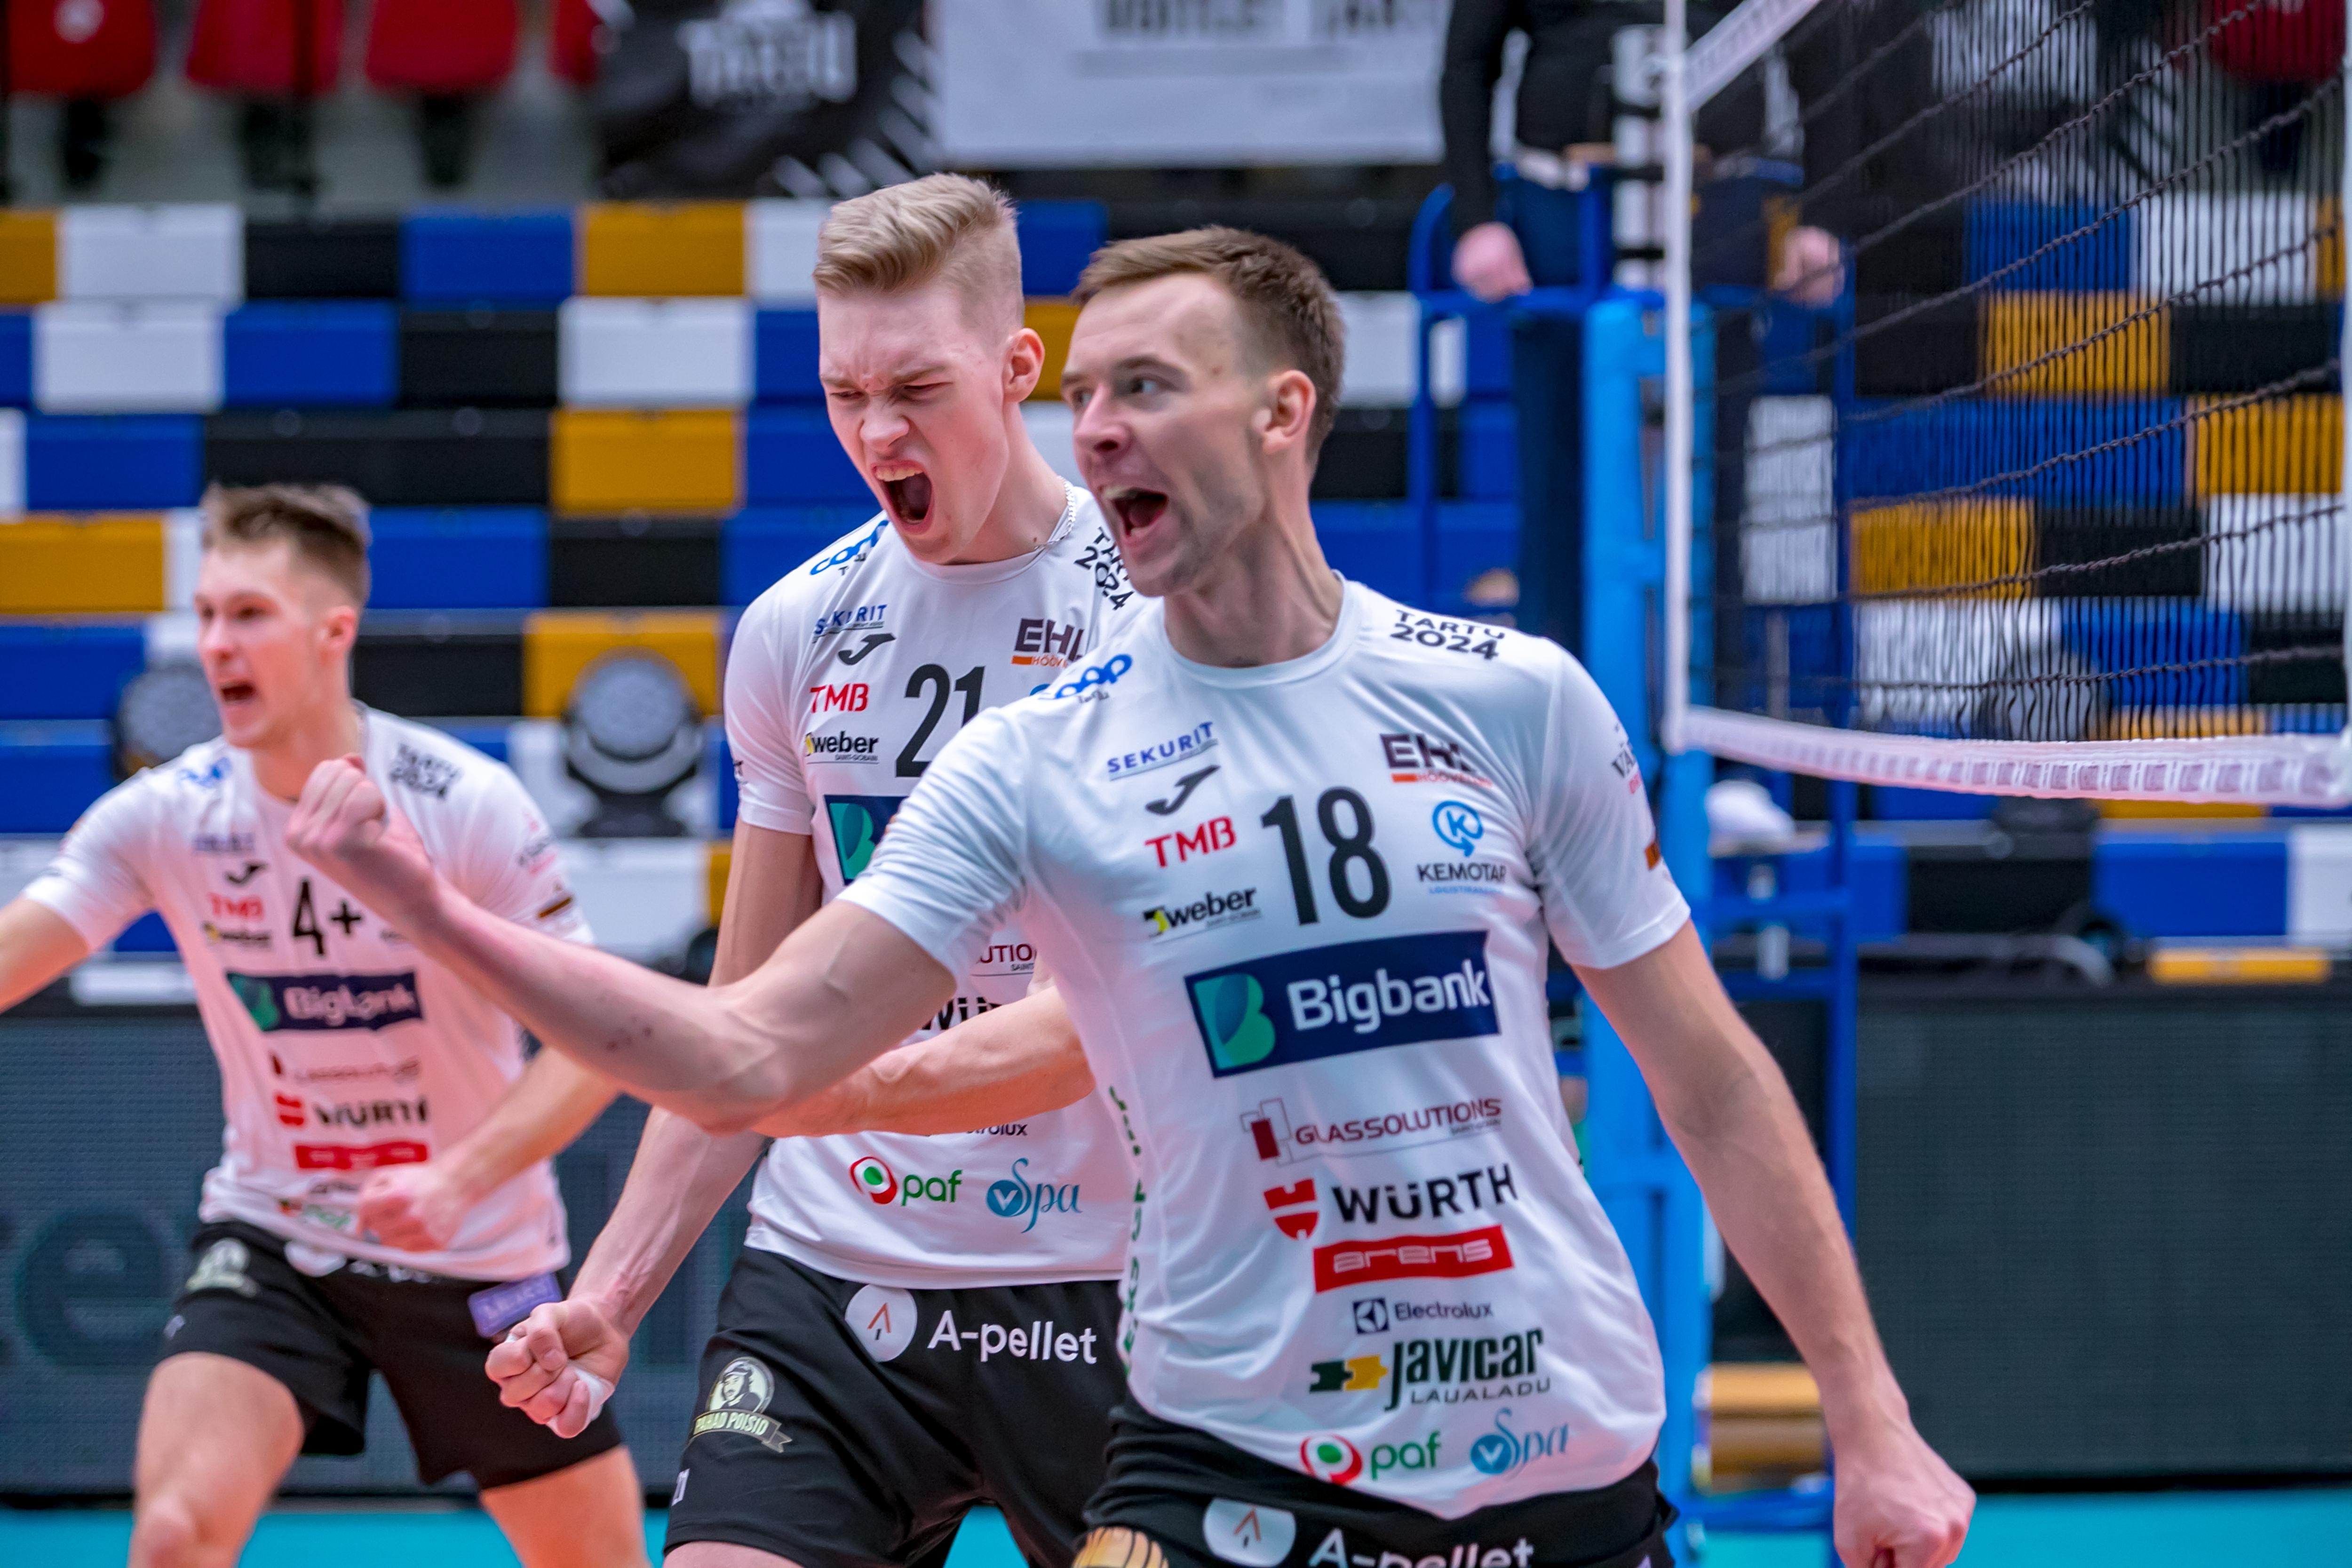 TÄNA: Bigbank Tartu vs Selver Tallinn